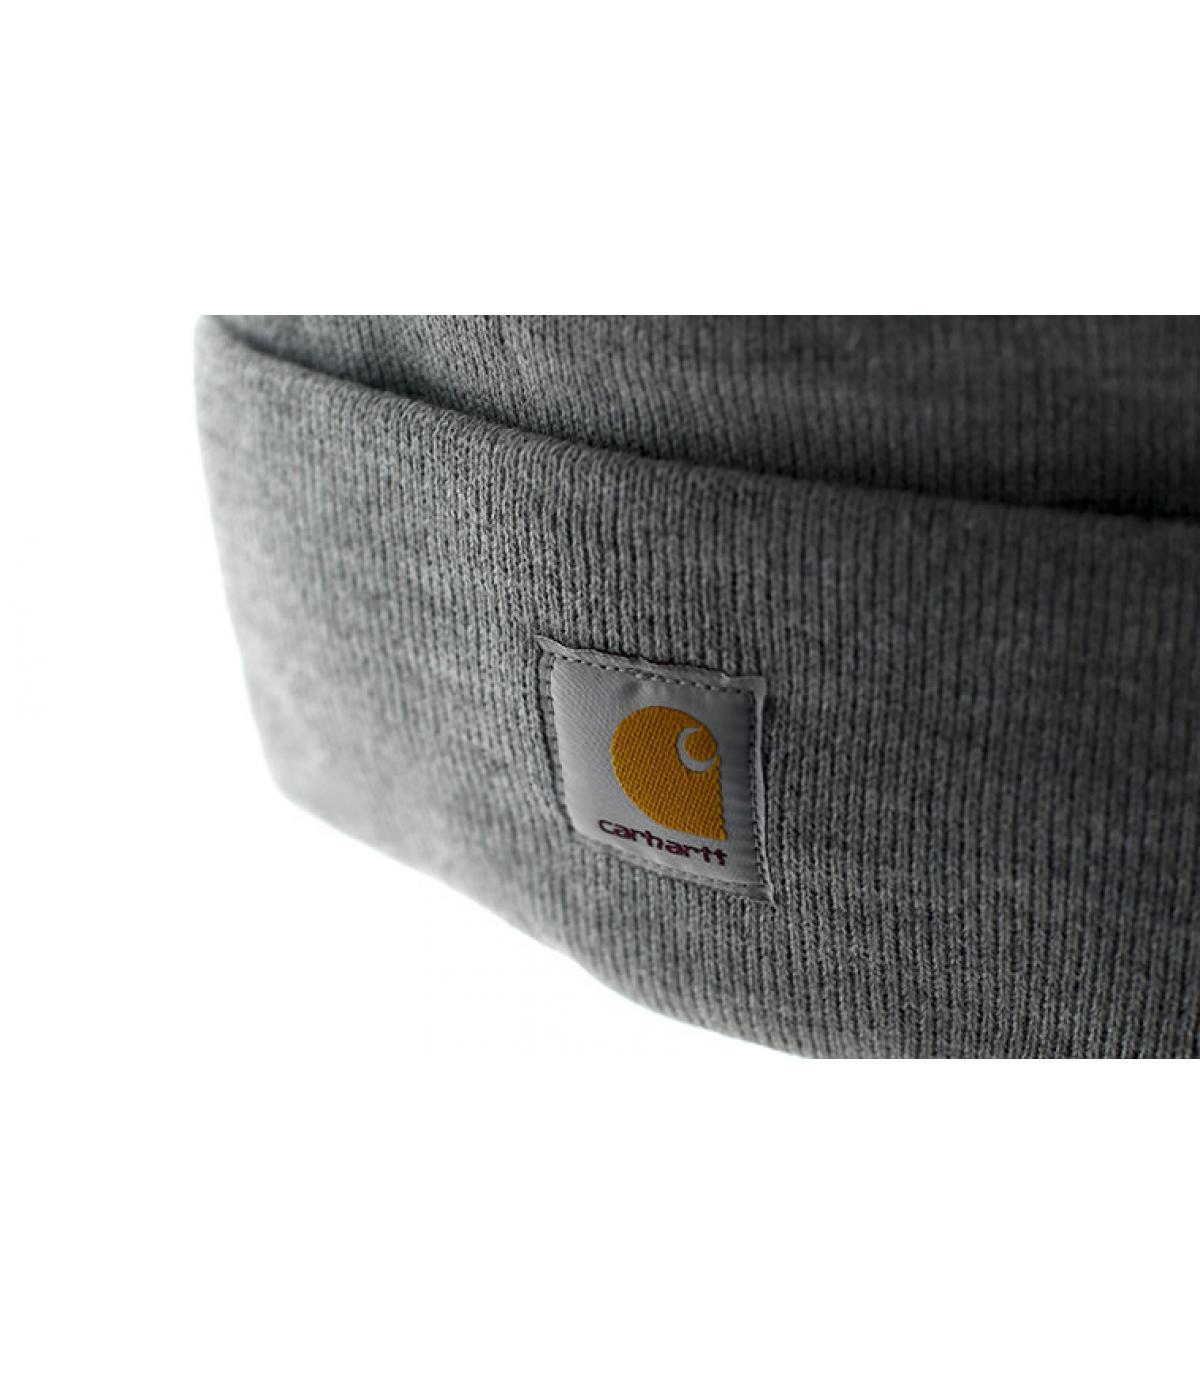 bonnet gris carhartt. Détails Bonnet Watch heather grey , image 3